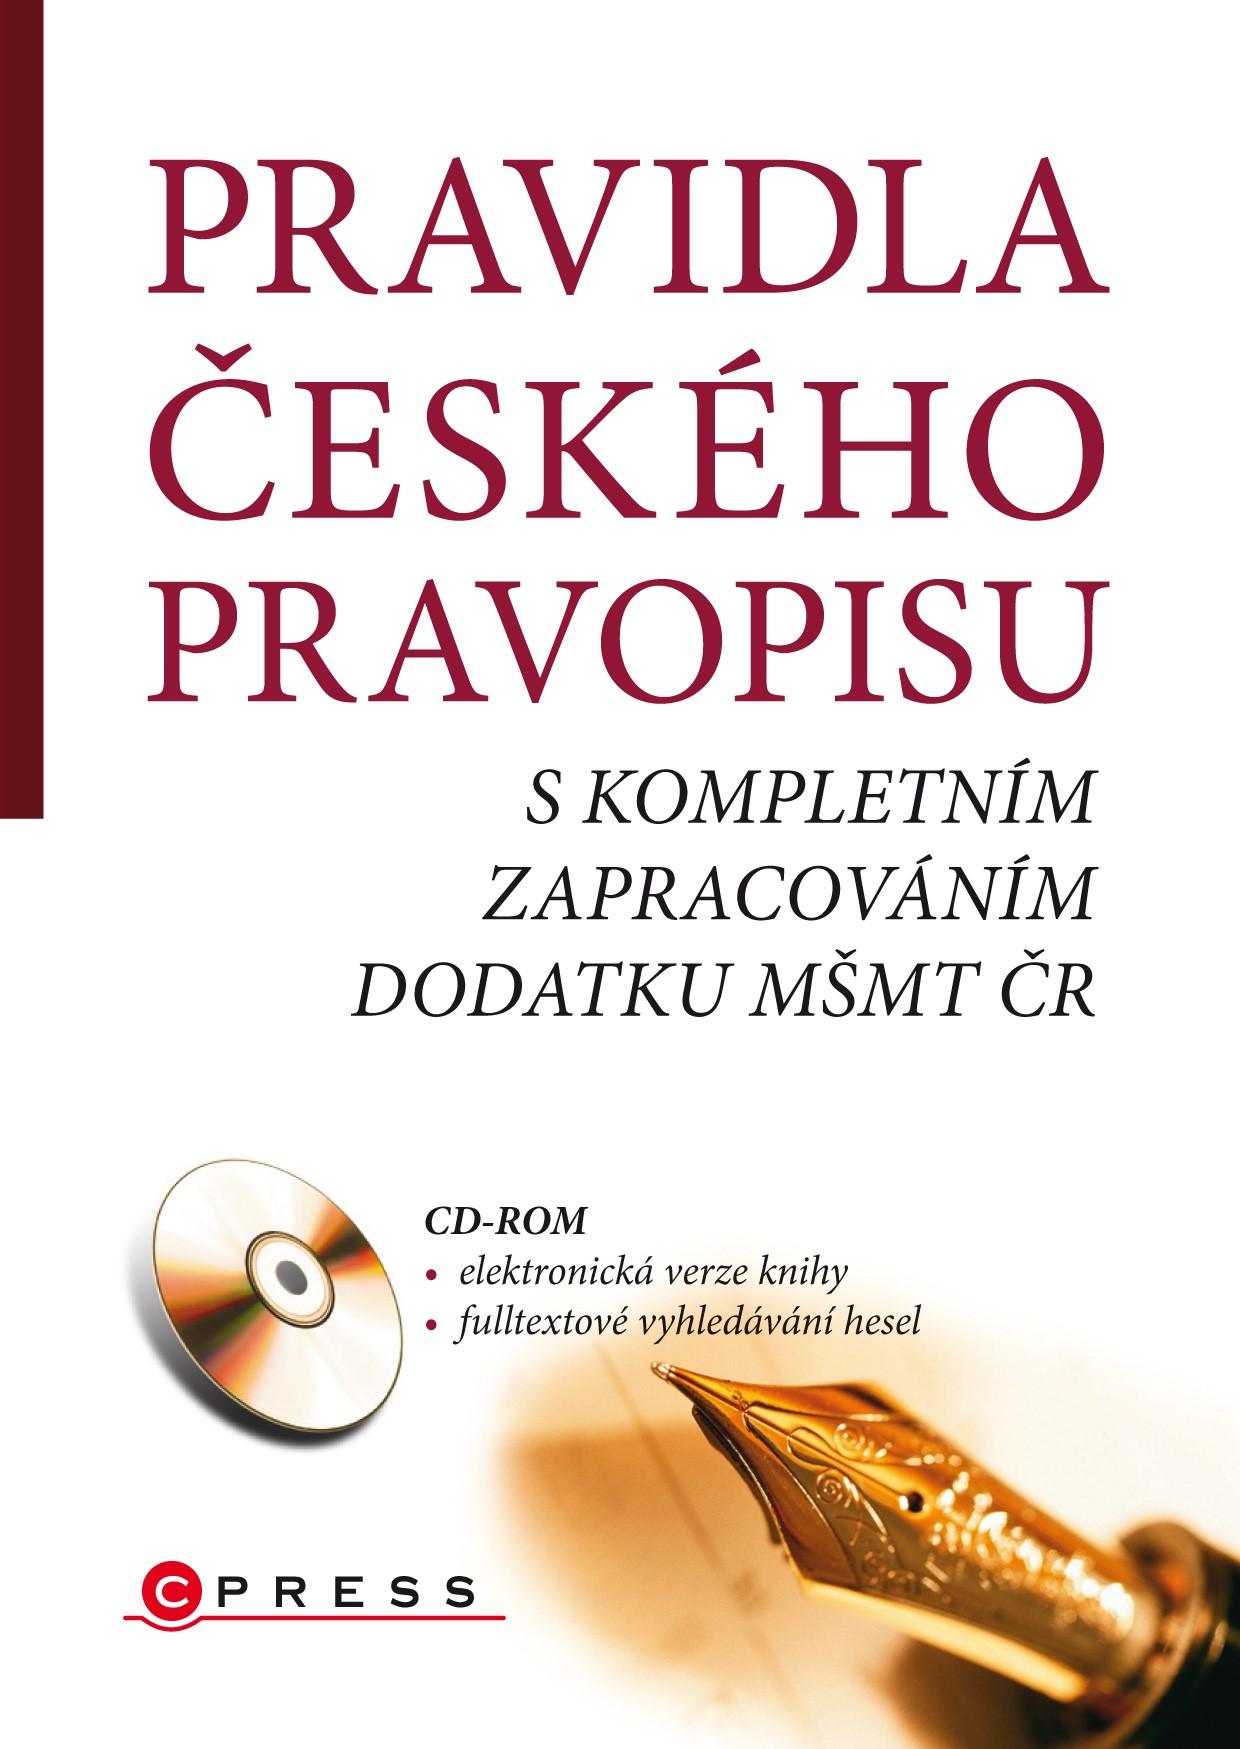 PRAVIDLA ČESKÉHO PRAVOPISU + CD